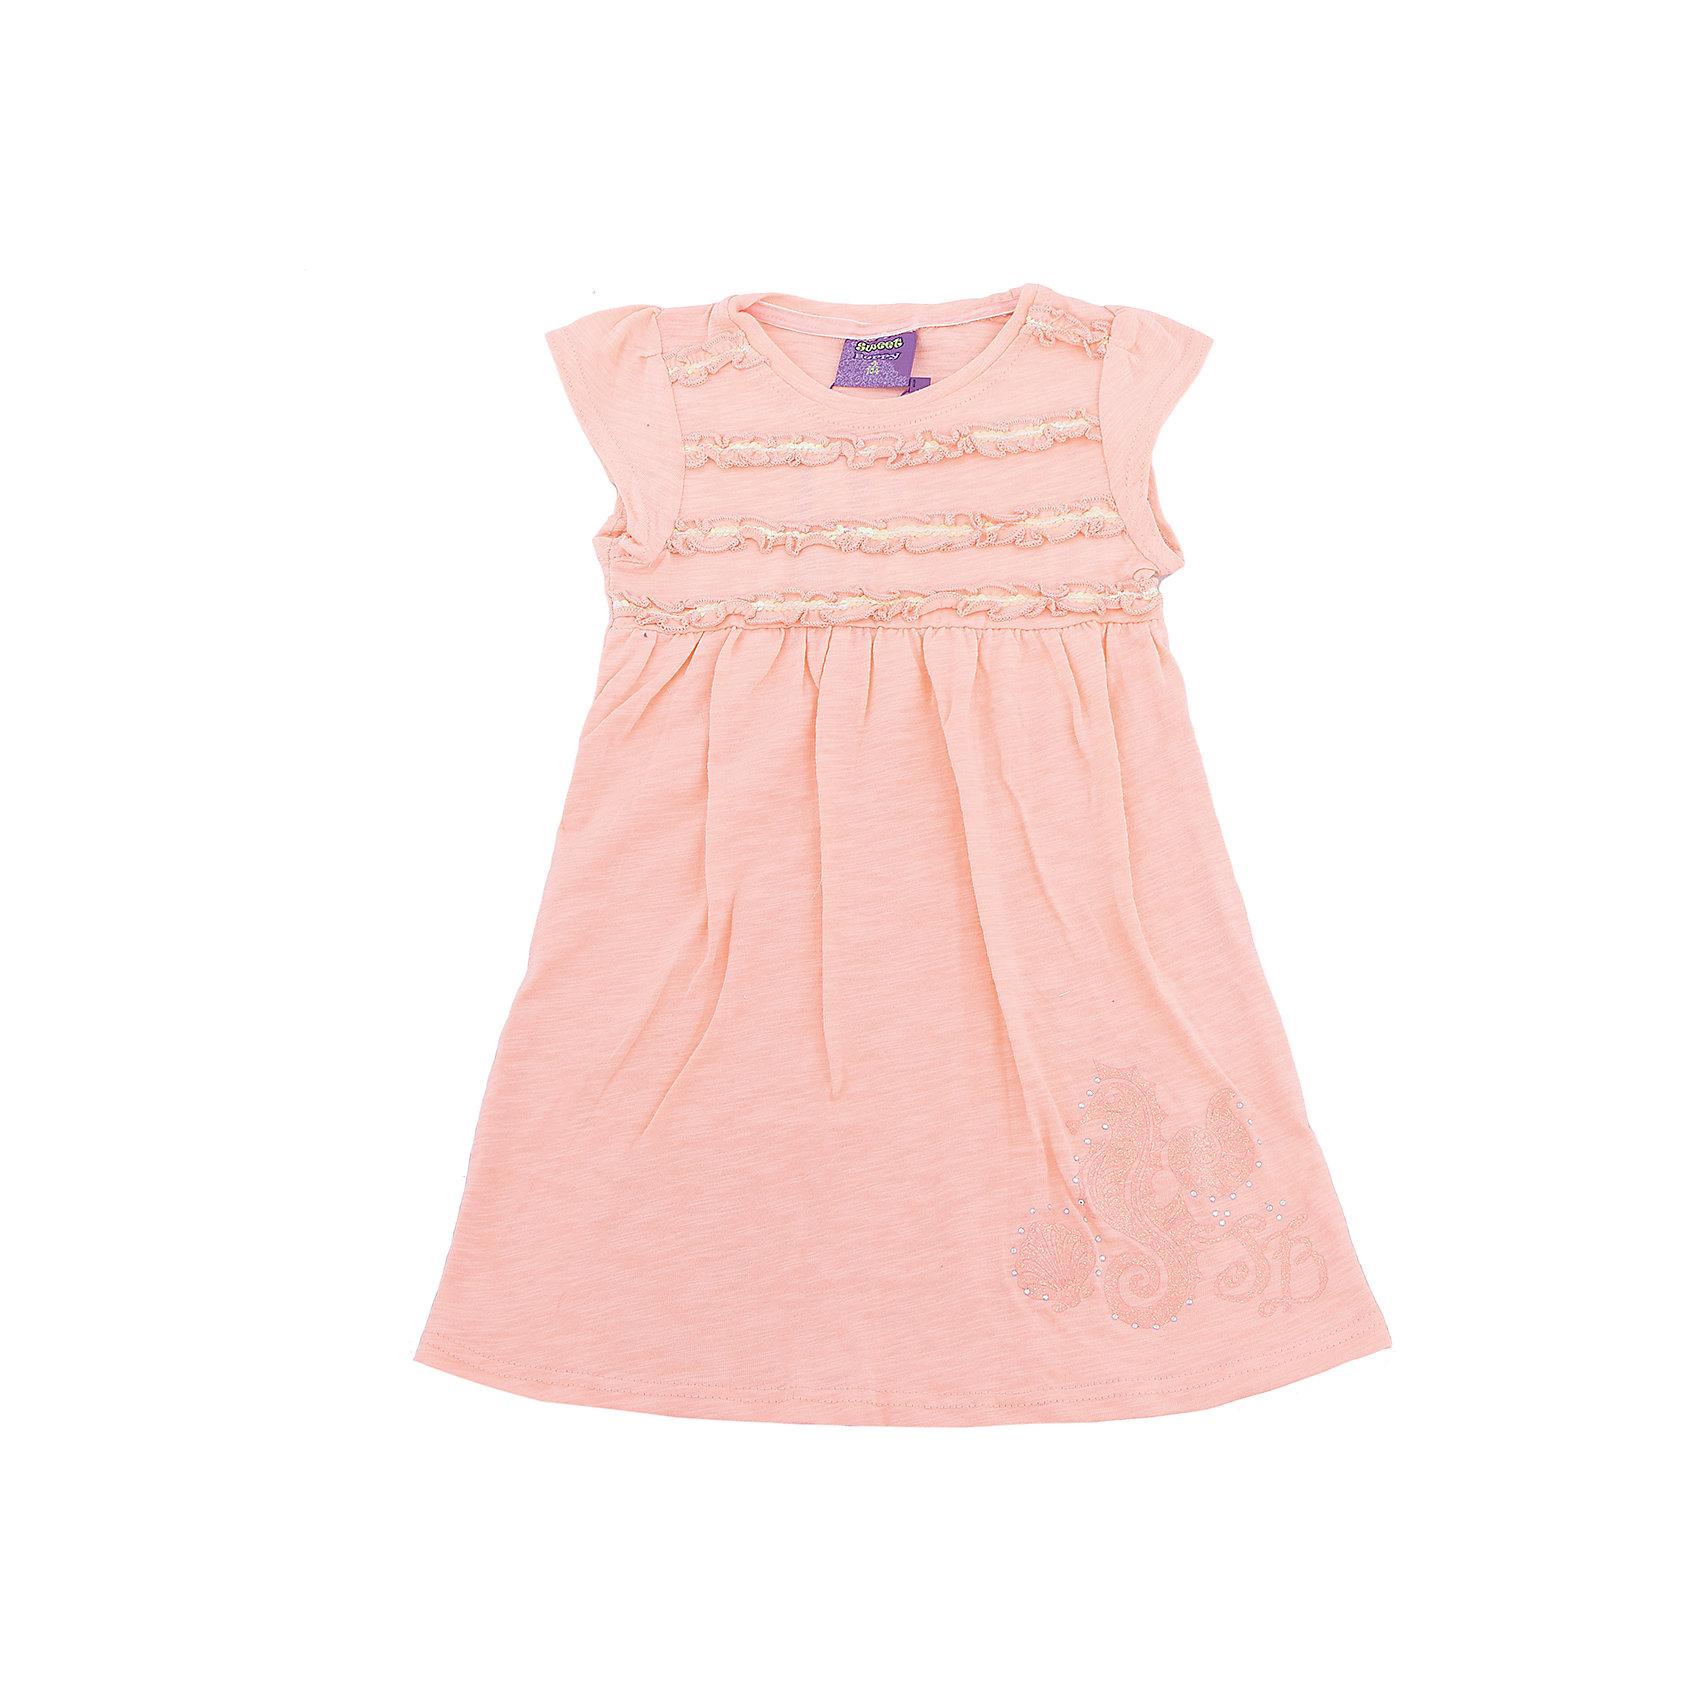 Платье для девочки Sweet BerryПлатья и сарафаны<br>Платья для девочки из трикотажного полотна свободного кроя. Декорированное оригинальной сборкой.<br>Состав:<br>100%хлопок<br><br>Ширина мм: 236<br>Глубина мм: 16<br>Высота мм: 184<br>Вес г: 177<br>Цвет: оранжевый<br>Возраст от месяцев: 36<br>Возраст до месяцев: 48<br>Пол: Женский<br>Возраст: Детский<br>Размер: 104,98,110,116,122,128<br>SKU: 5409831